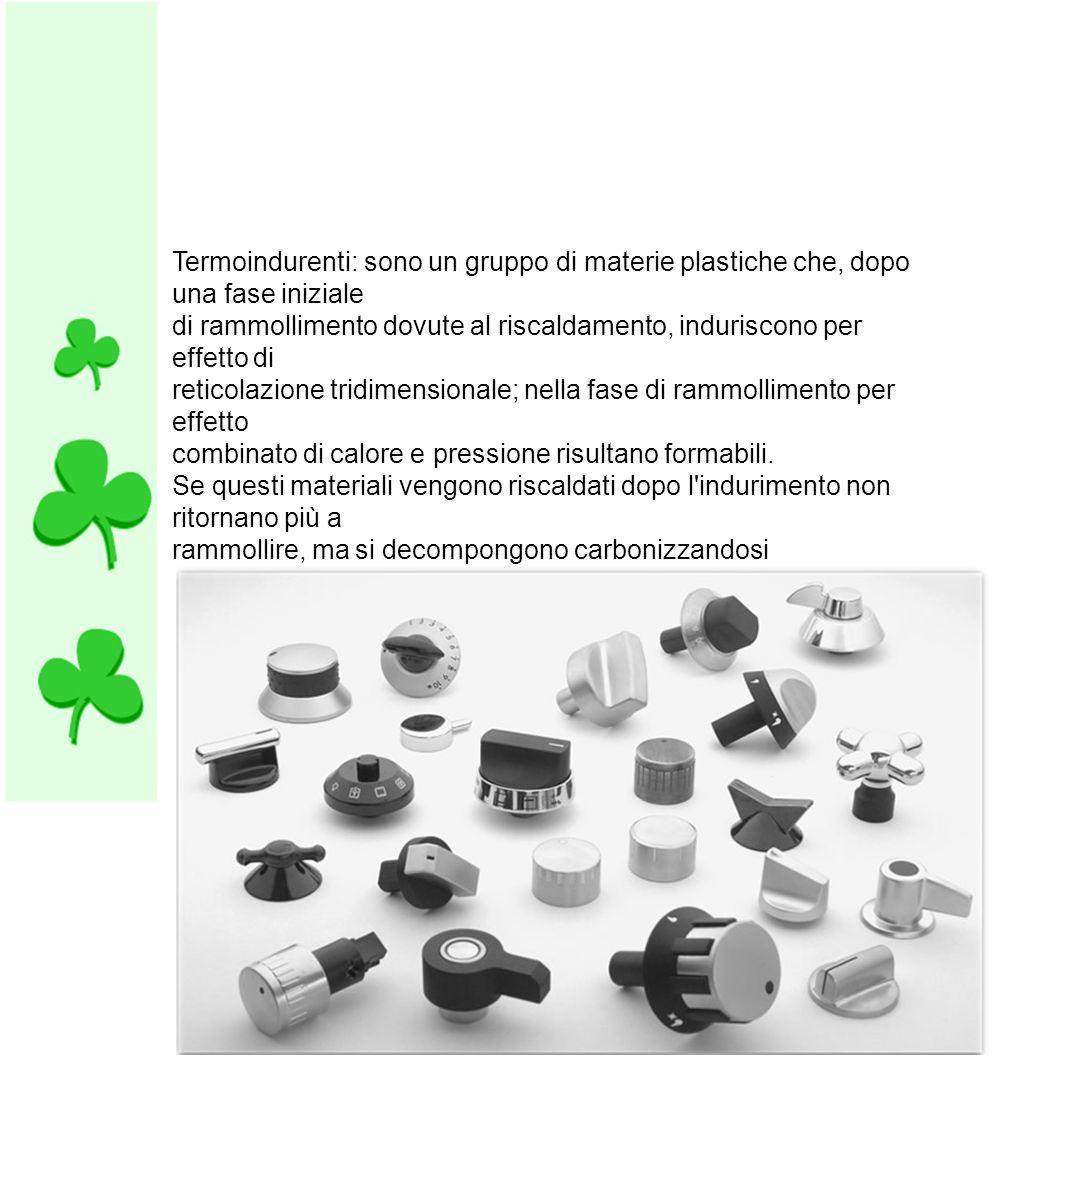 Caratteristiche L e caratteristiche vantaggiose delle materie plastiche rispetto ai materiali metallici e non metallici sono la grande facilità di lavorazione, l economicità, la colorabilità, l isolamento acustico, termico, elettrico, meccanico (vibrazioni), la resistenza alla corrosione e l inerzia chimica, nonché l idrorepellenza e l inattaccabilità da parte di muffe, funghi e batteri